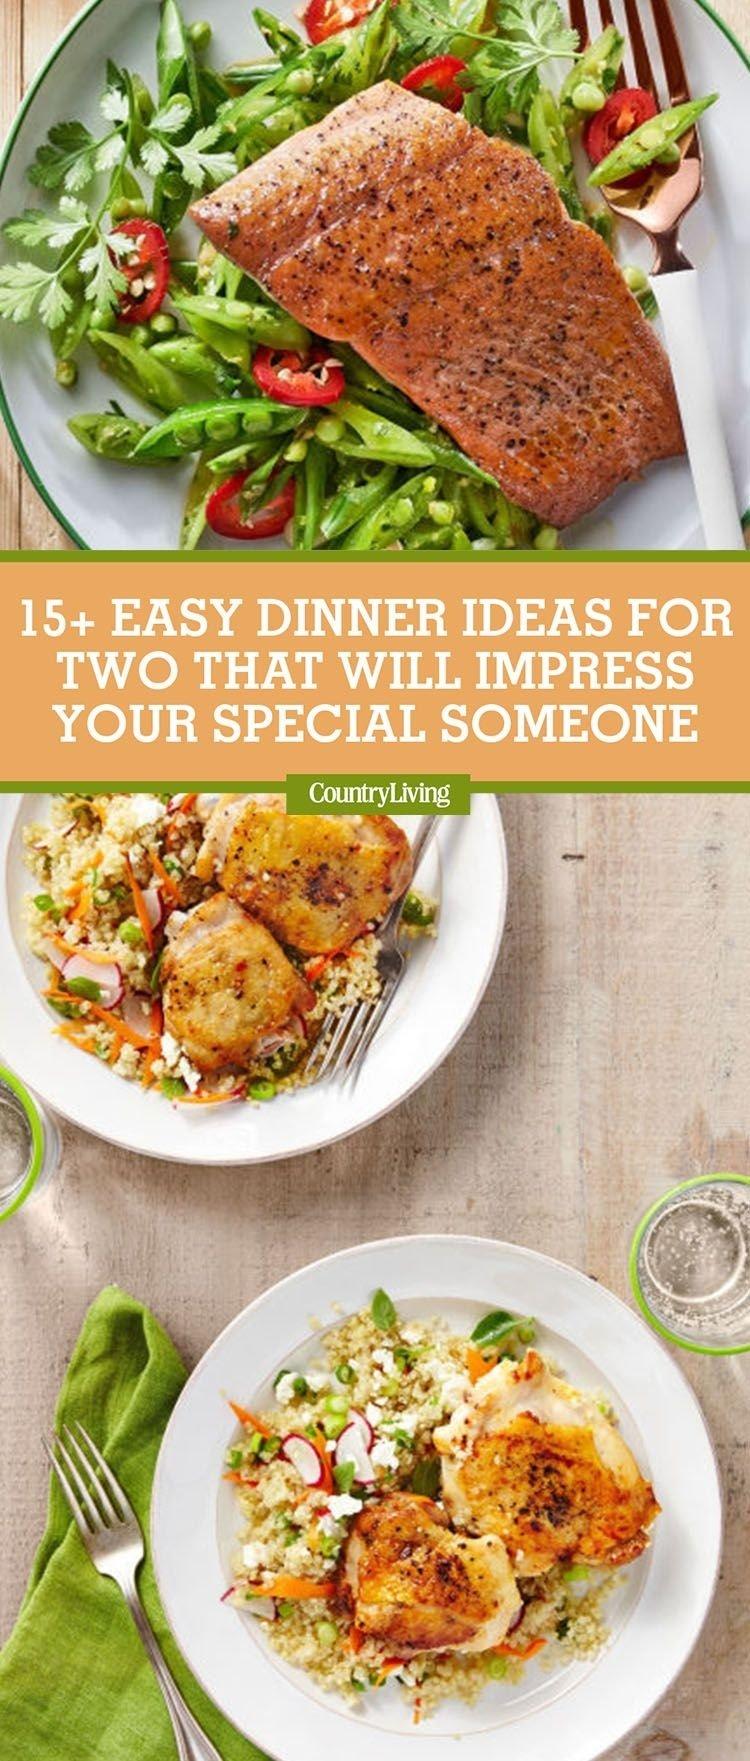 10 Cute Dinner Ideas For Two Cheap 17 easy dinner ideas for two romantic dinner for two recipes 14 2020